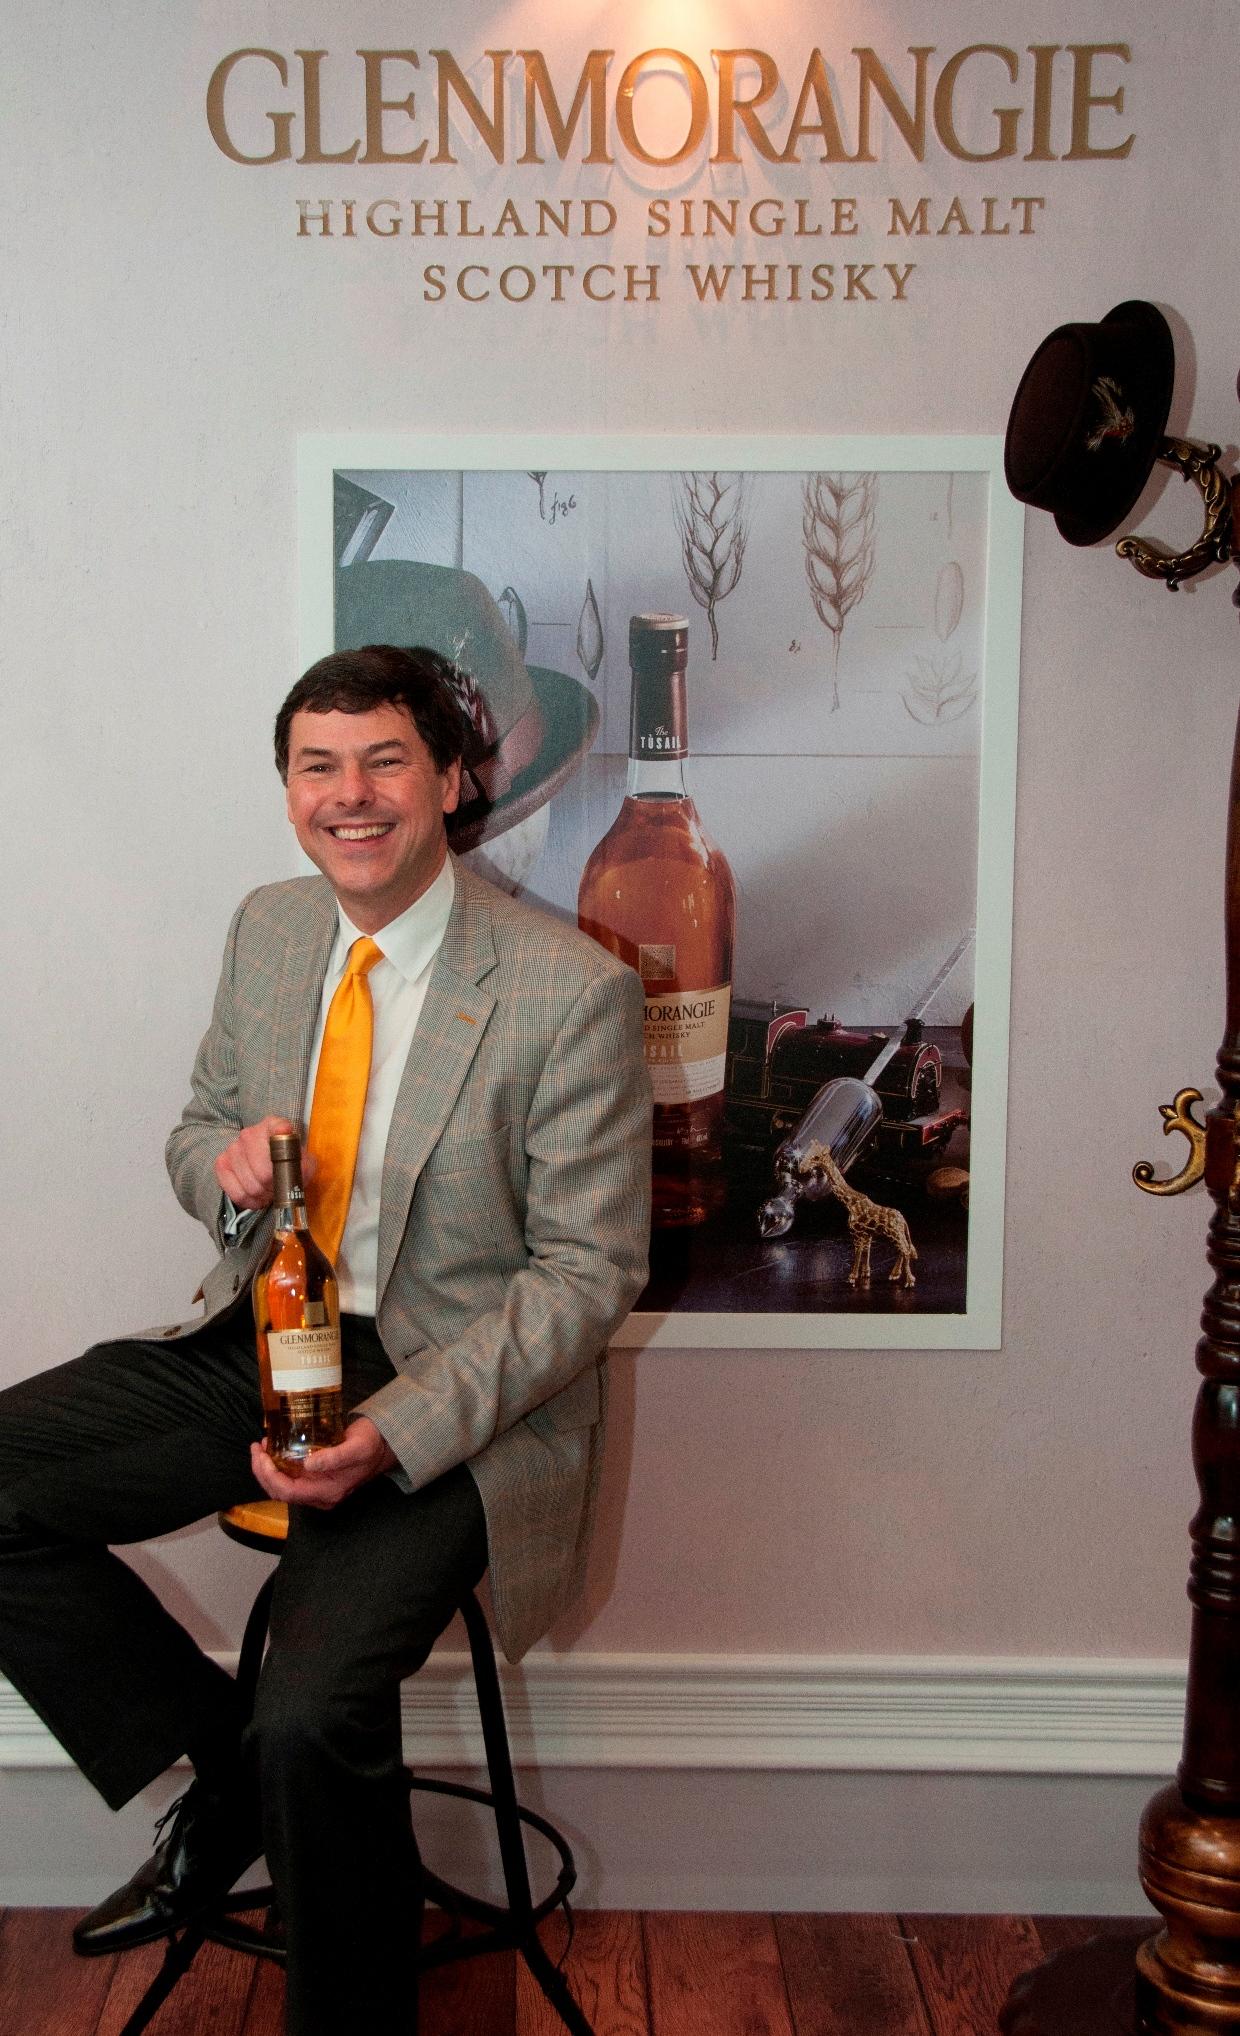 格蘭傑酒廠暨威士忌釀製團隊總製酒師比爾˙梁思敦博士最新力作-格蘭傑Tusail-s